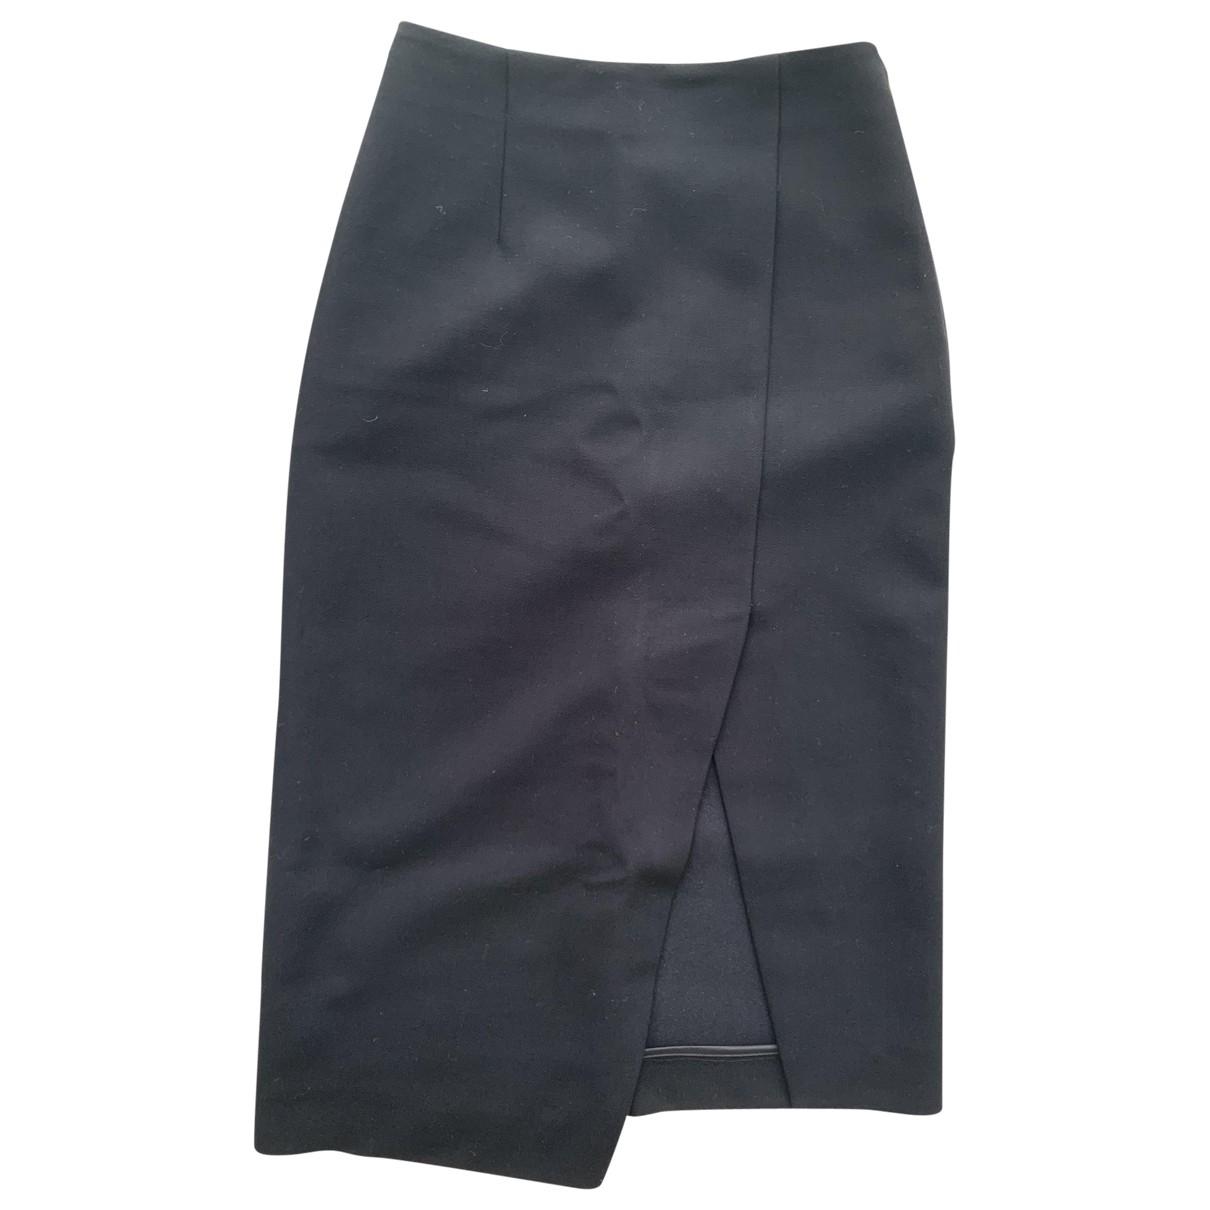 Maje Spring Summer 2019 Black skirt for Women 34 FR